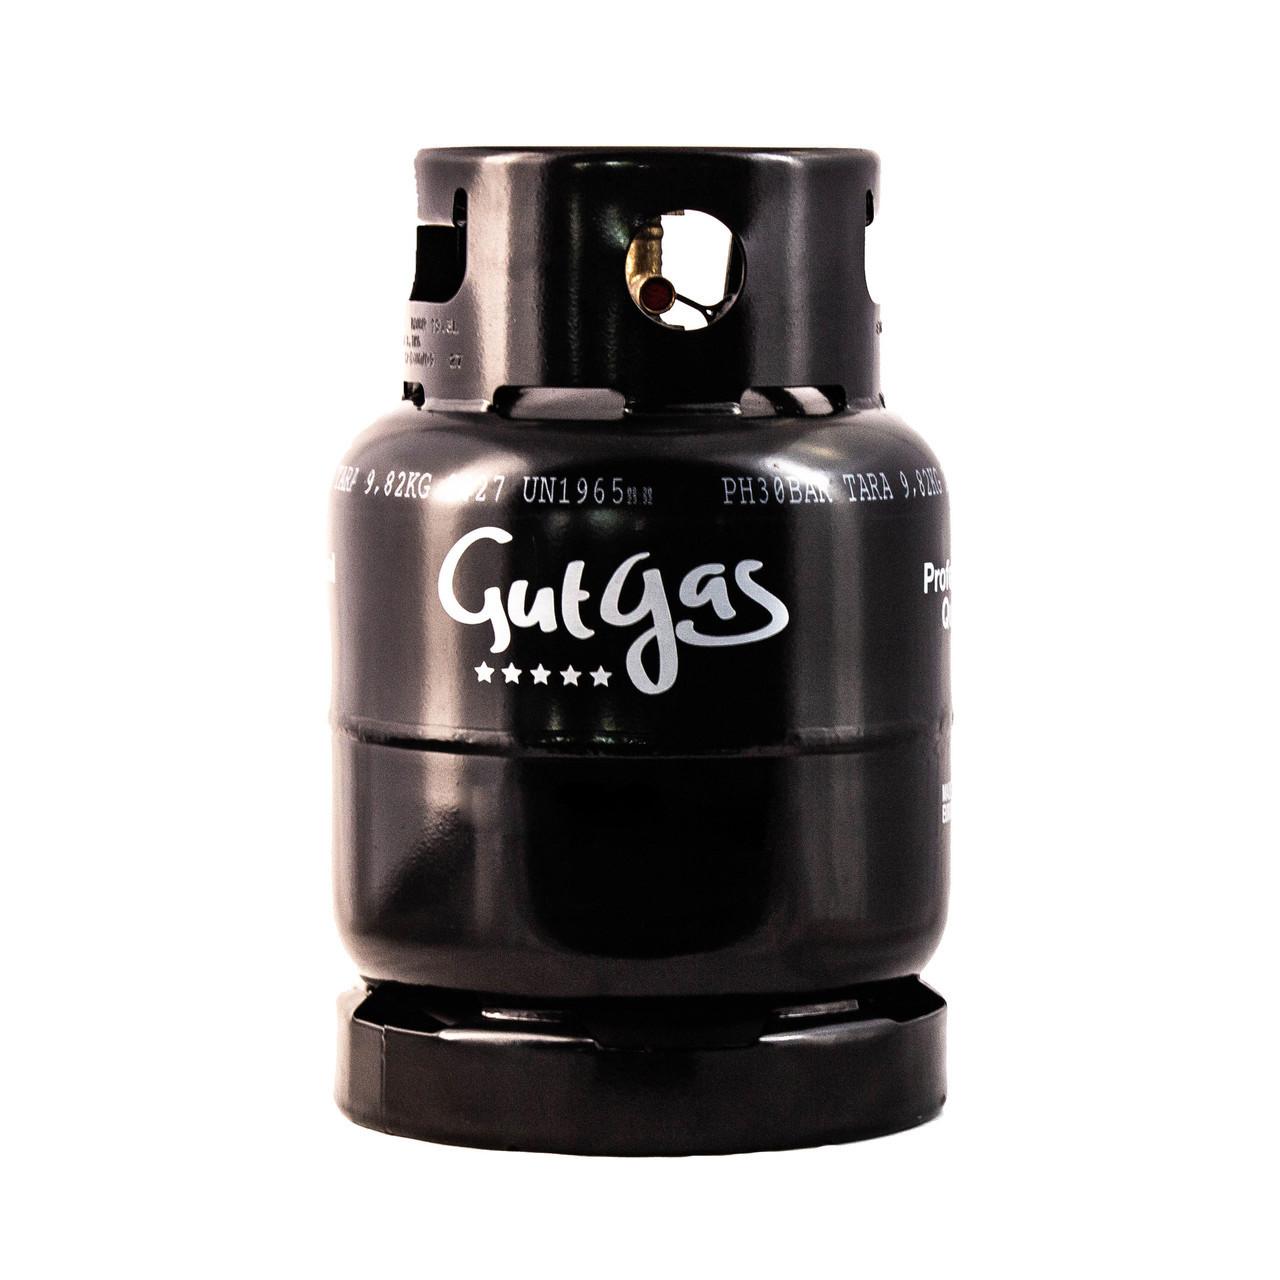 Газовый баллон для барбекю GUTGAS, 19,2 л